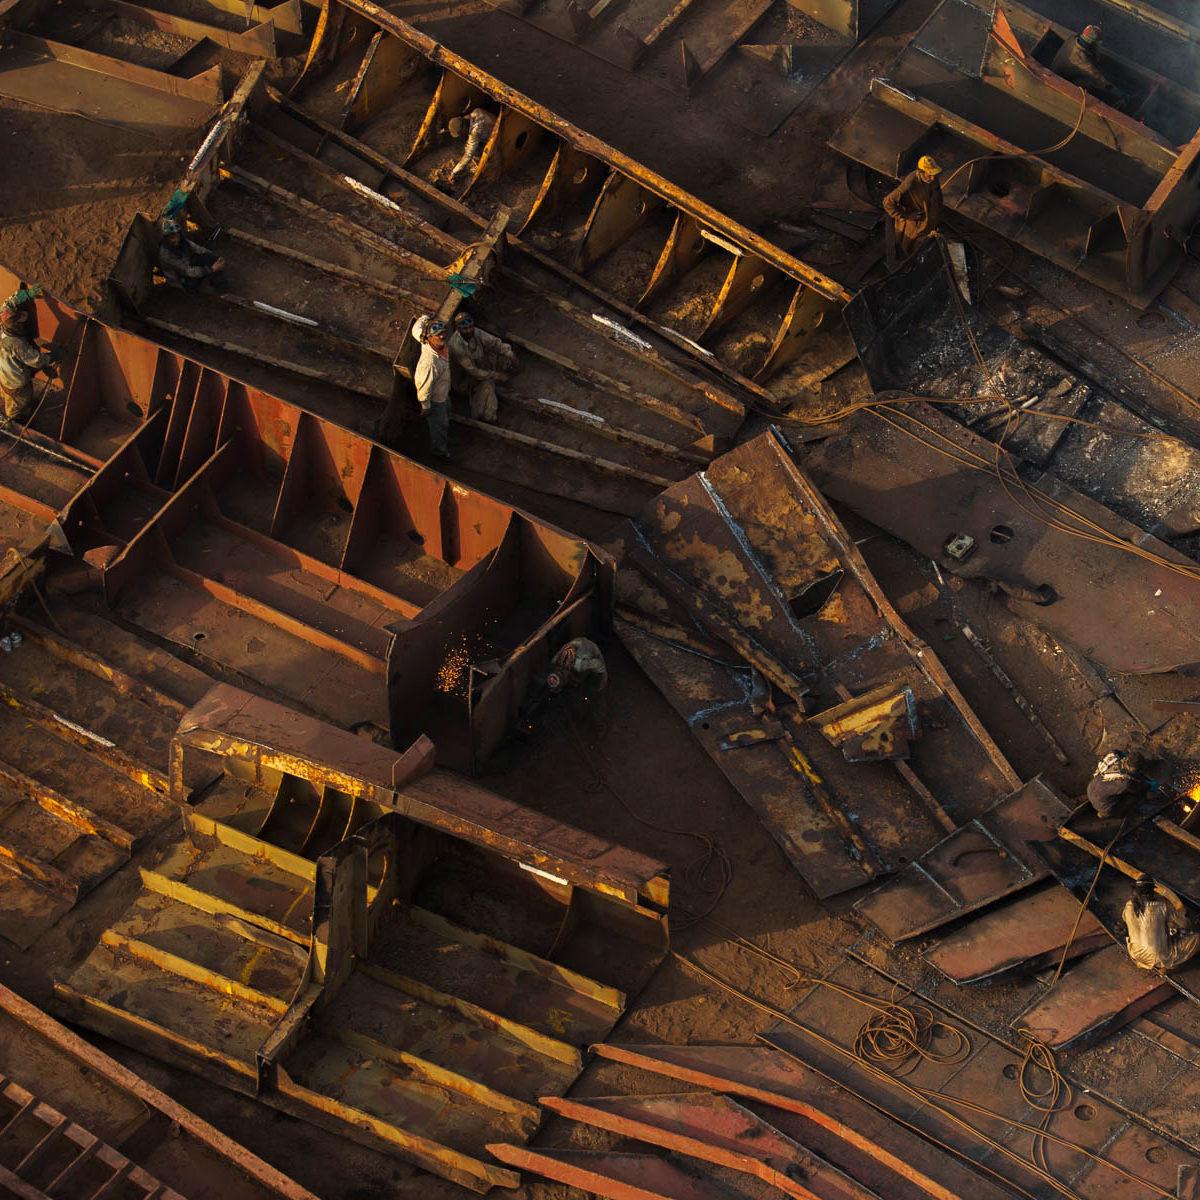 Gadani : chantier de démolition de navires, Baloutchistan, Pakistan. (25°1' N - 66°42' E)